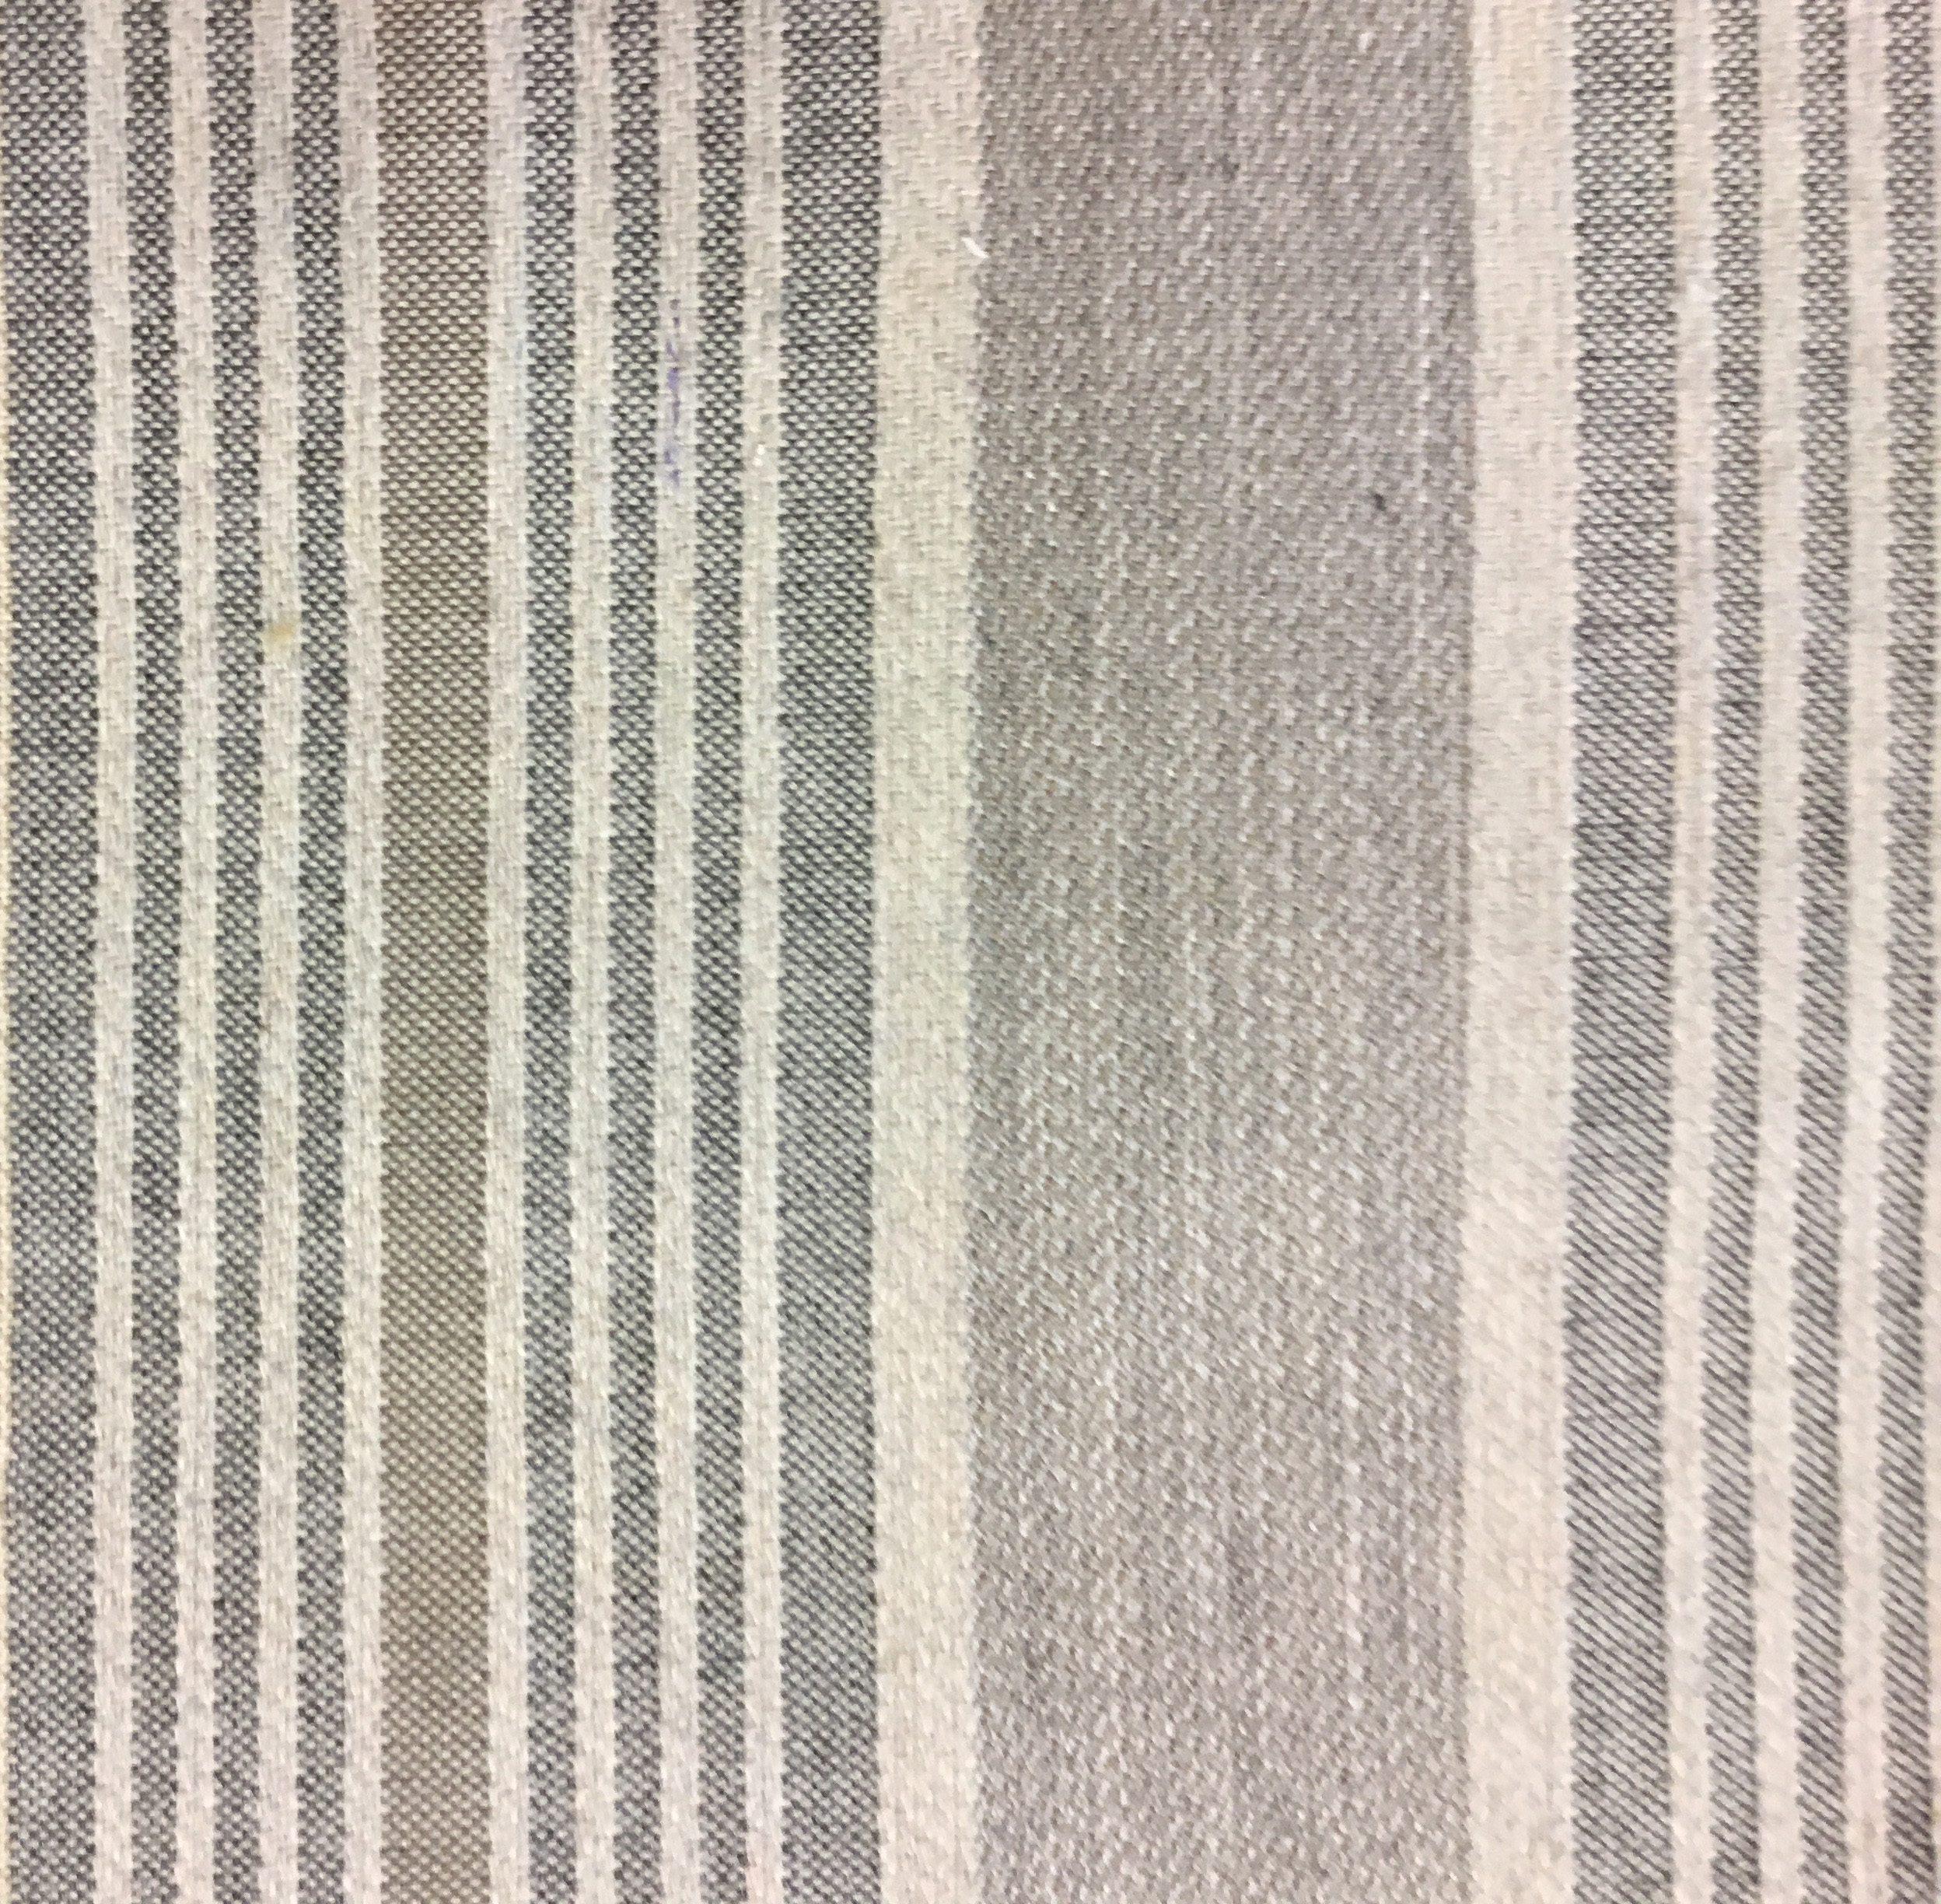 Tutillia Putty Fabric